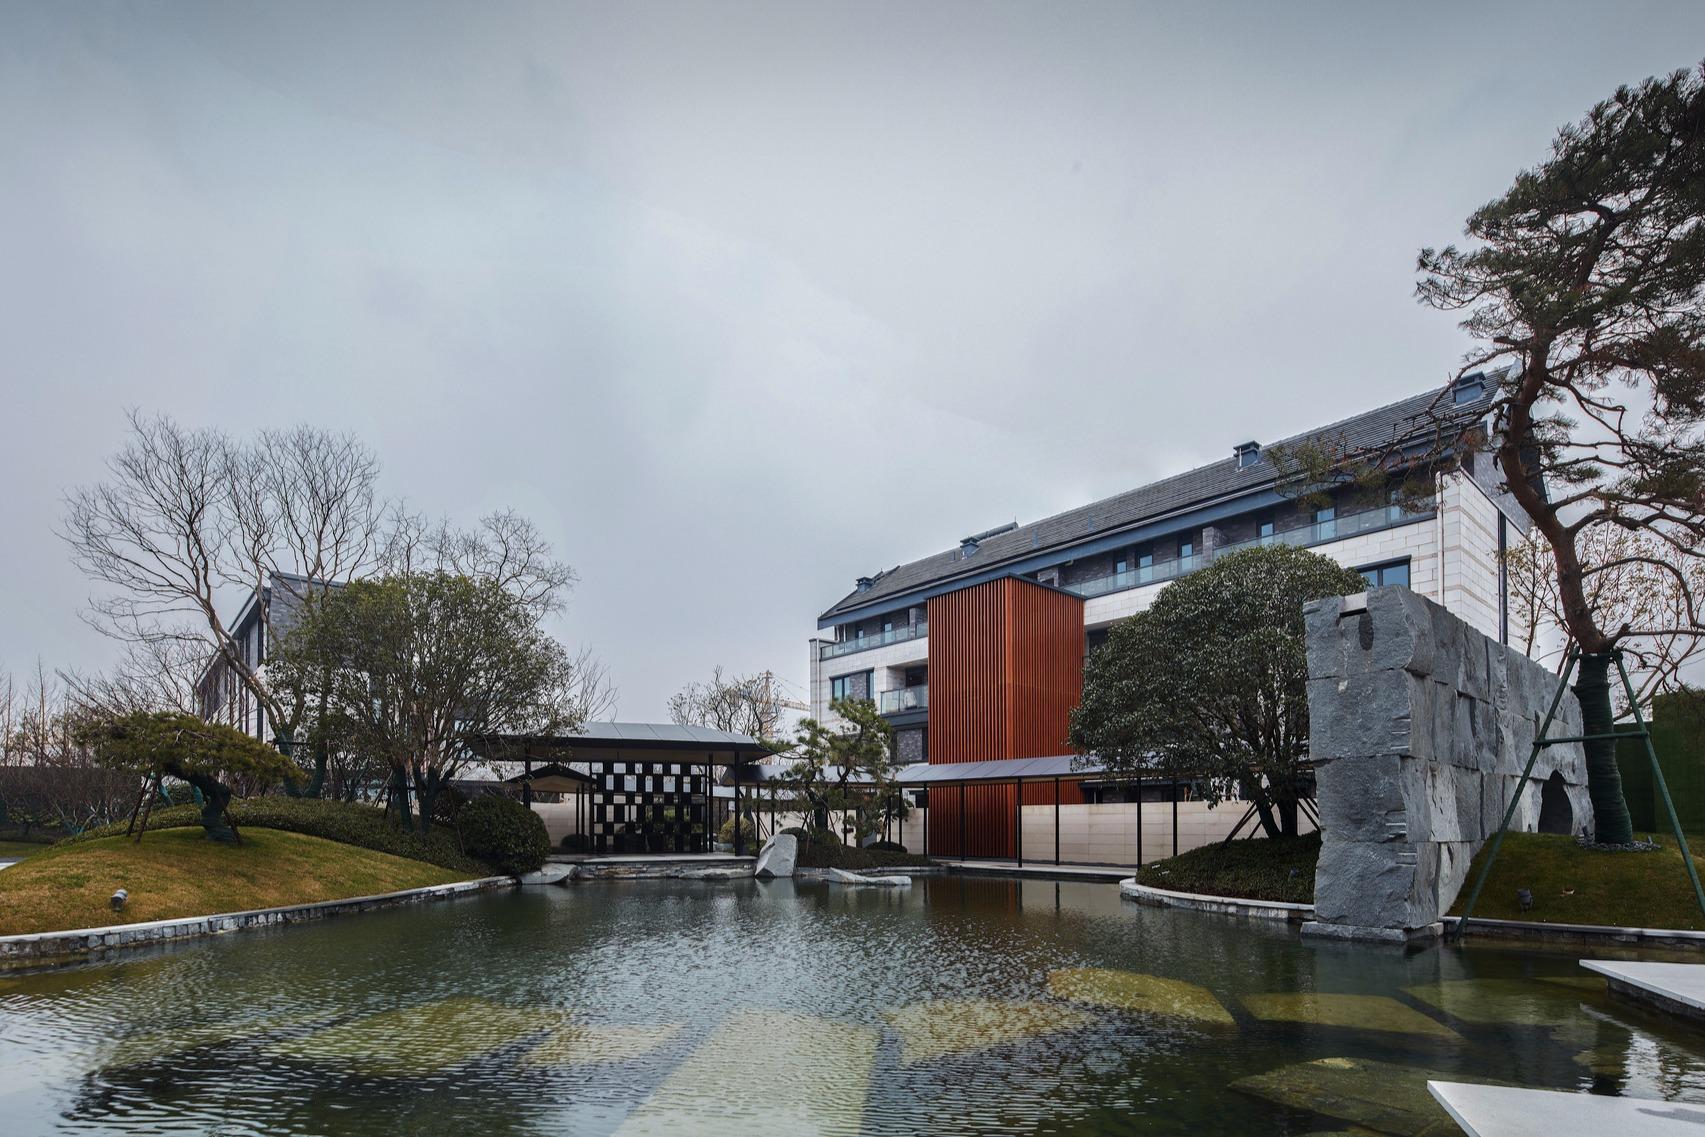 【印象空间】和昌·紫竹云山会所,用现代设计语汇演绎千年江南文脉